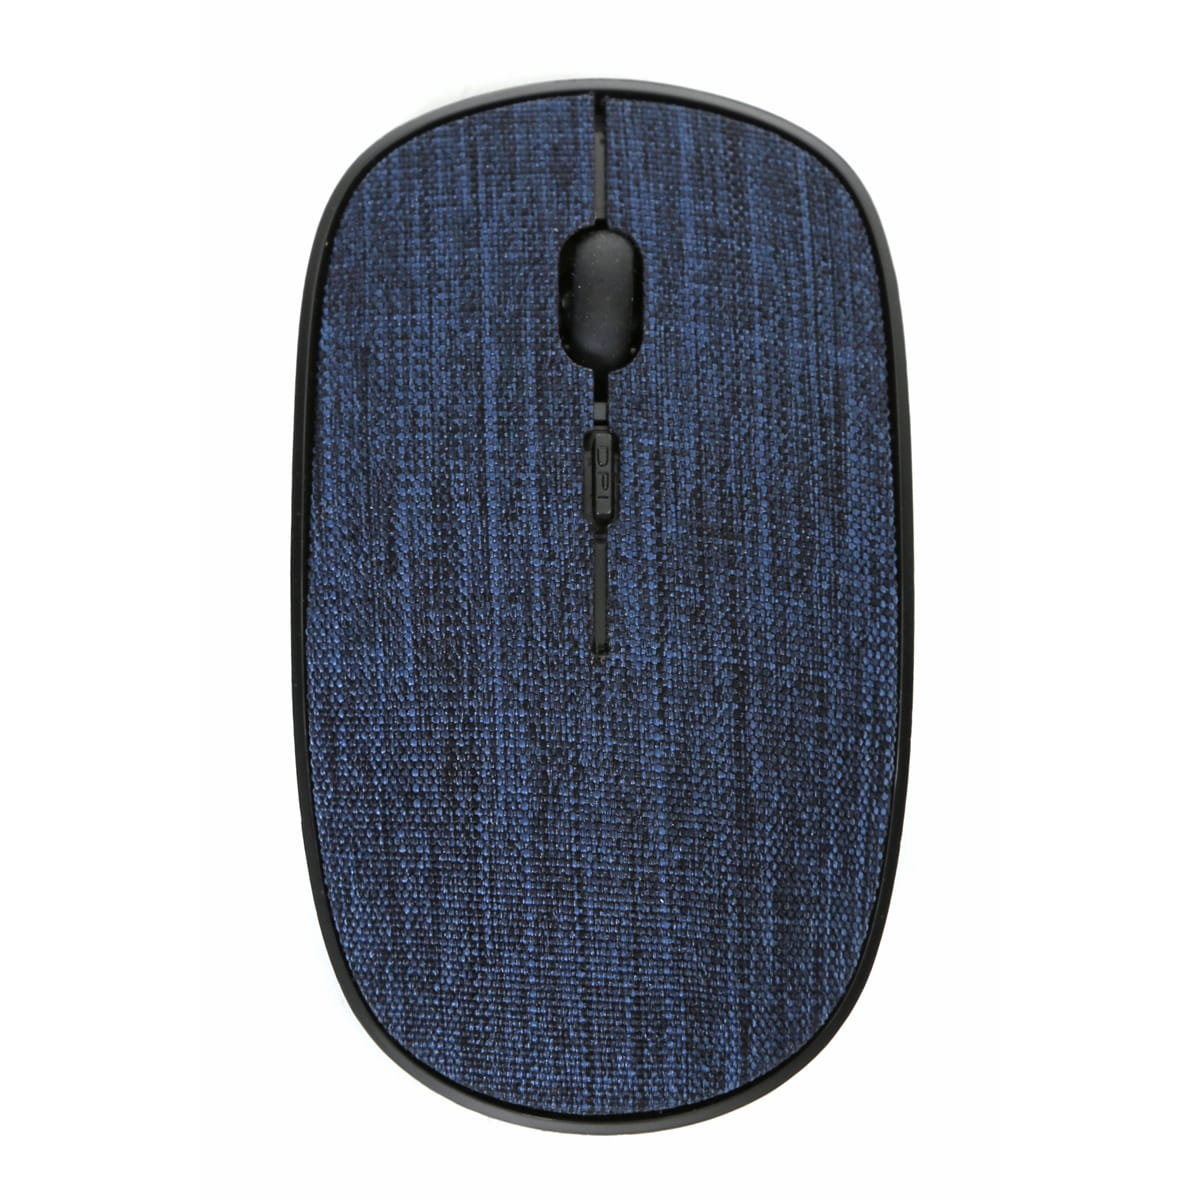 Omega wireless muis met blauwe stoffen bekleding, 2.4 GHz receiver, 1000/1200/1600DPI instelbaar